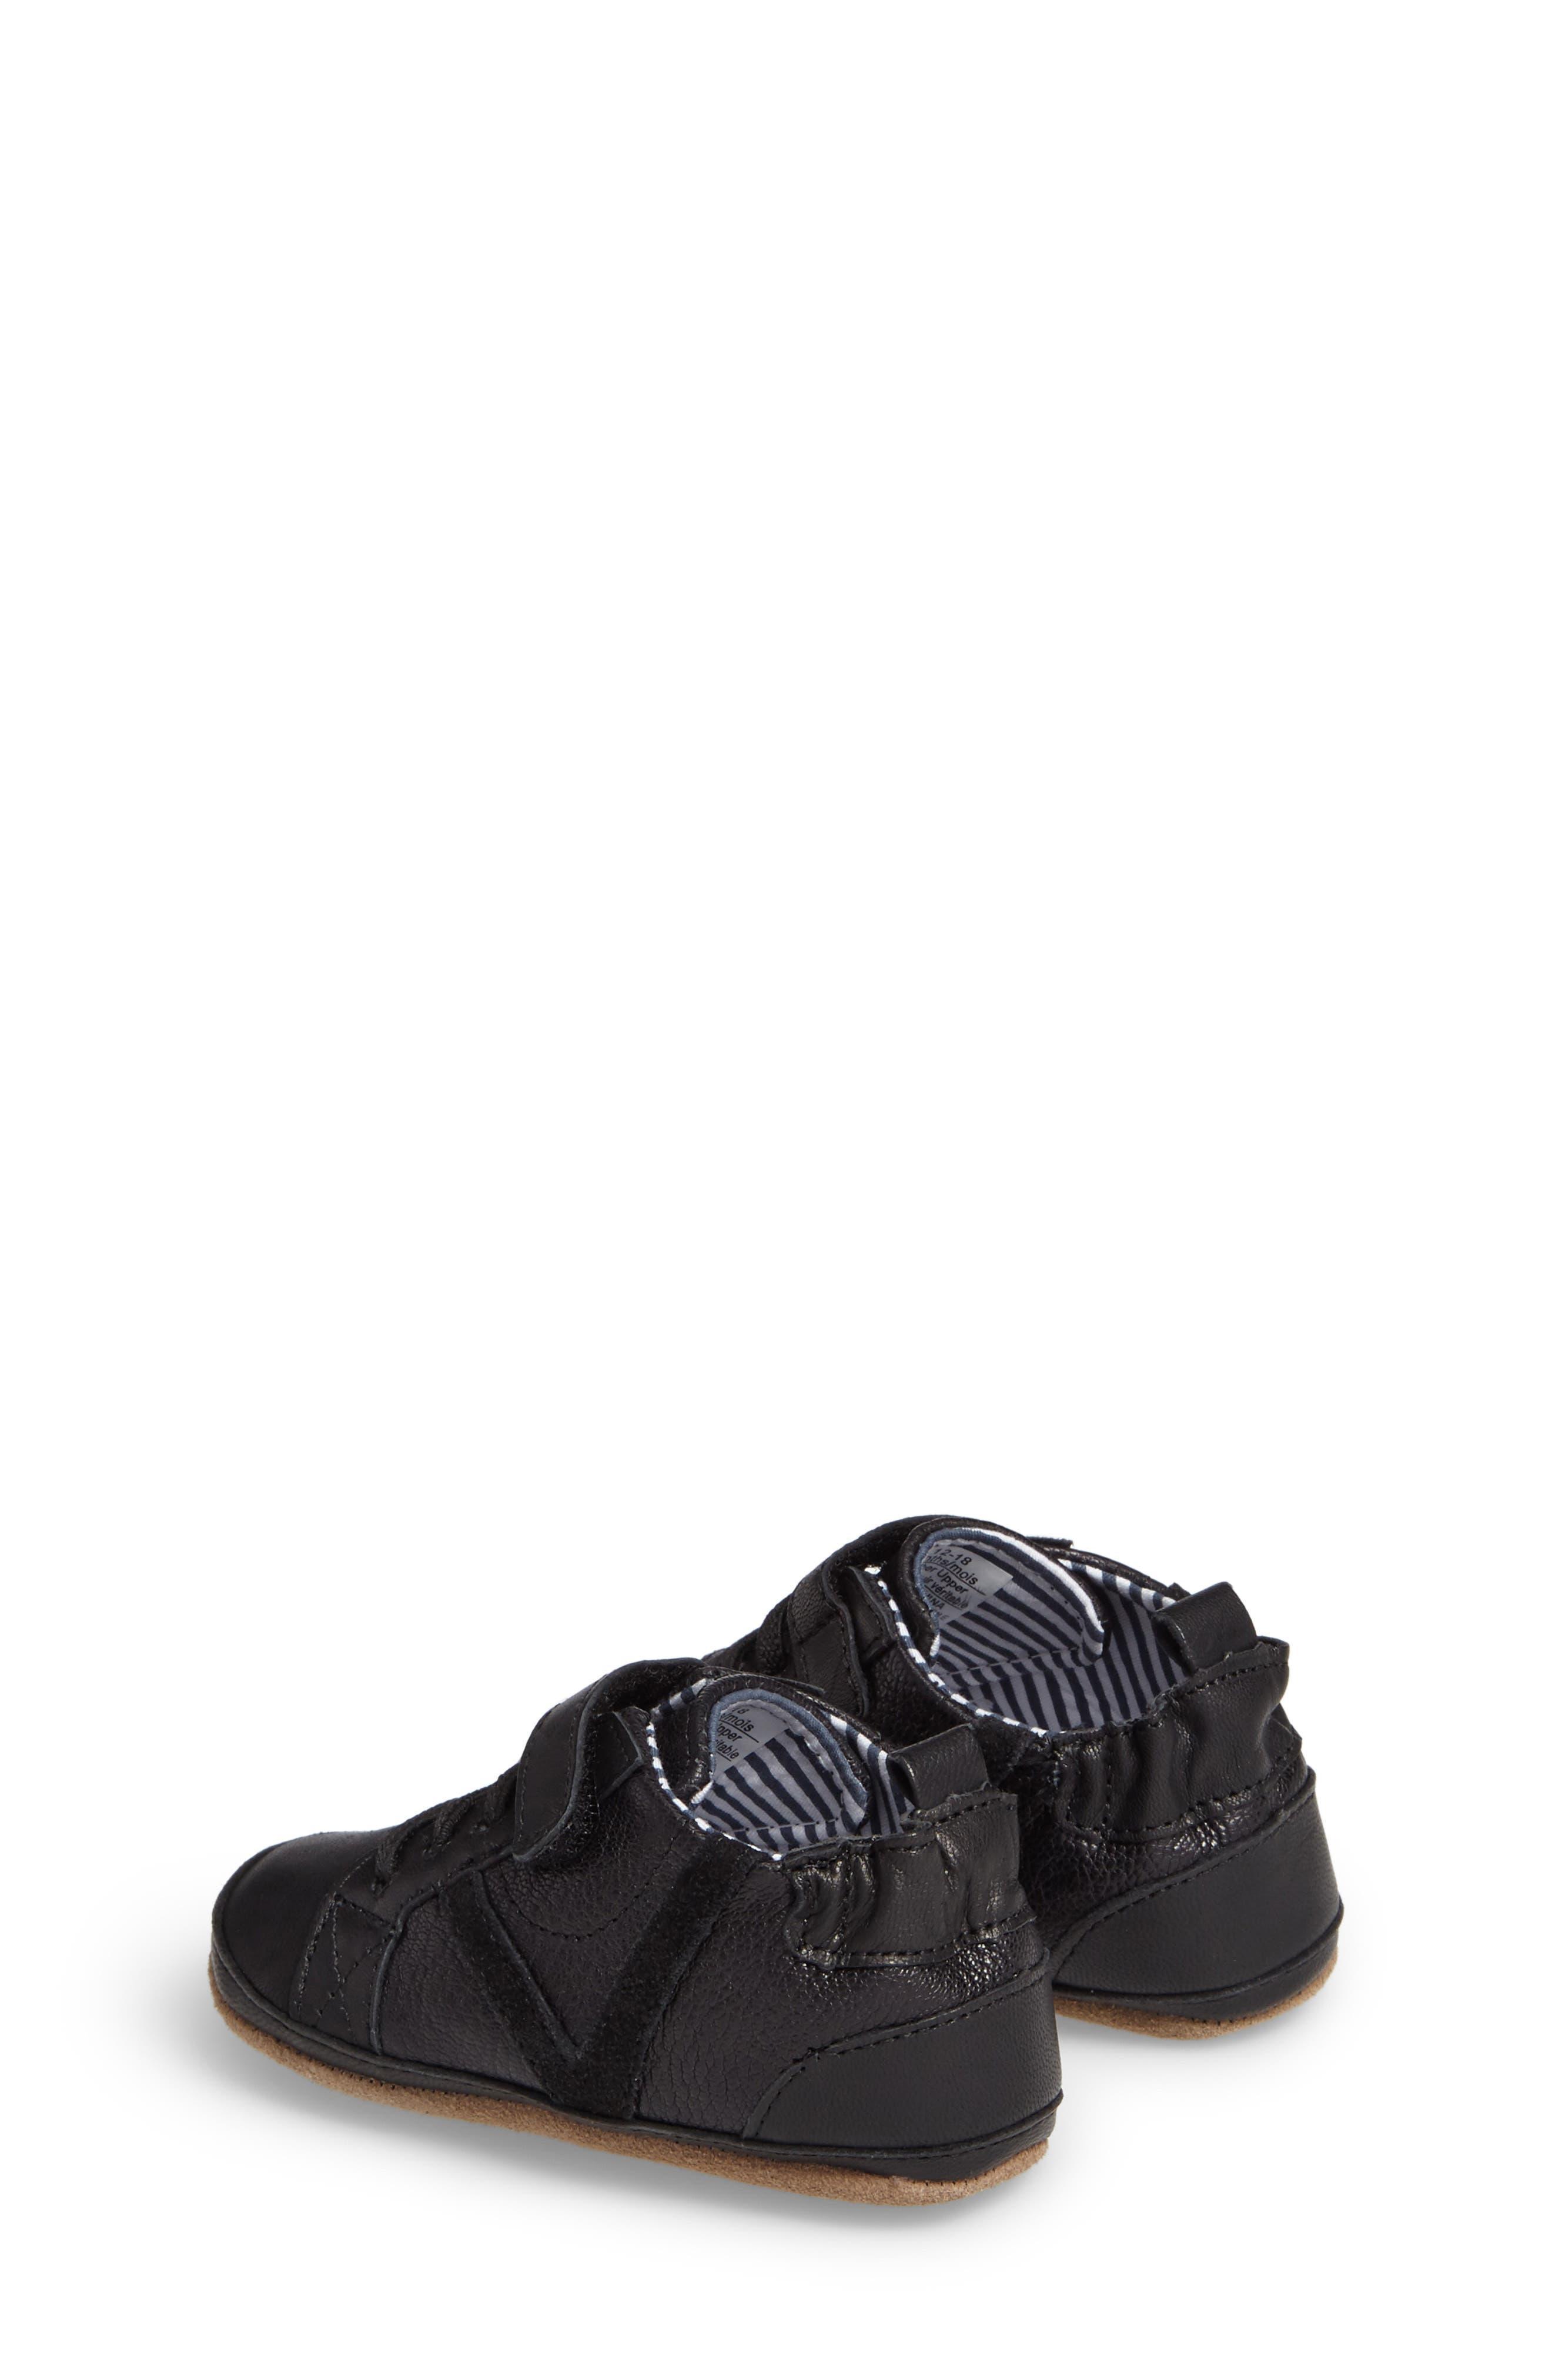 Asher Crib Shoe,                             Alternate thumbnail 2, color,                             Black